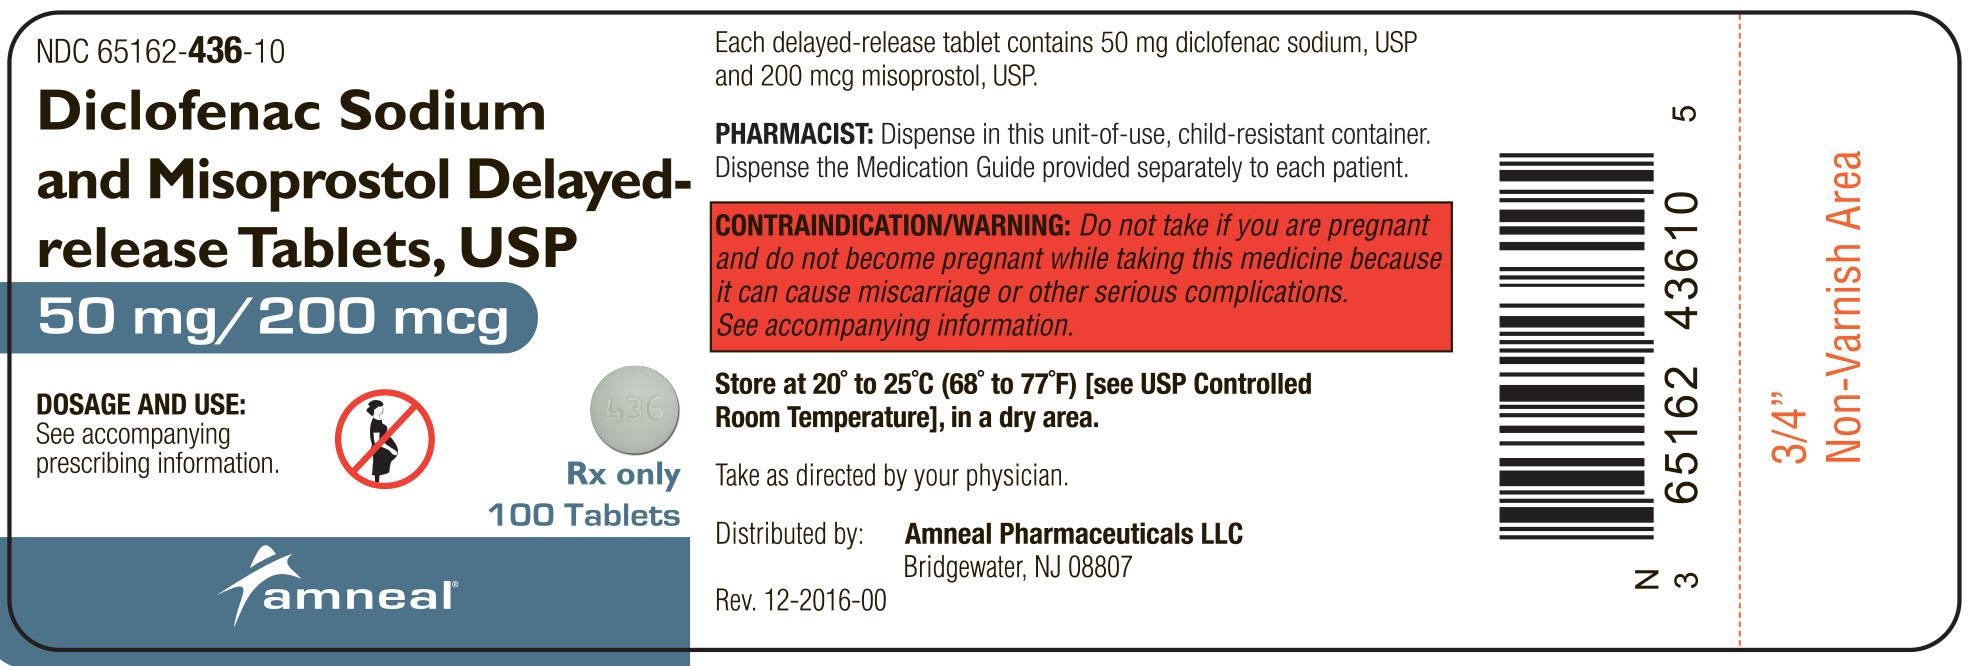 50 mg label